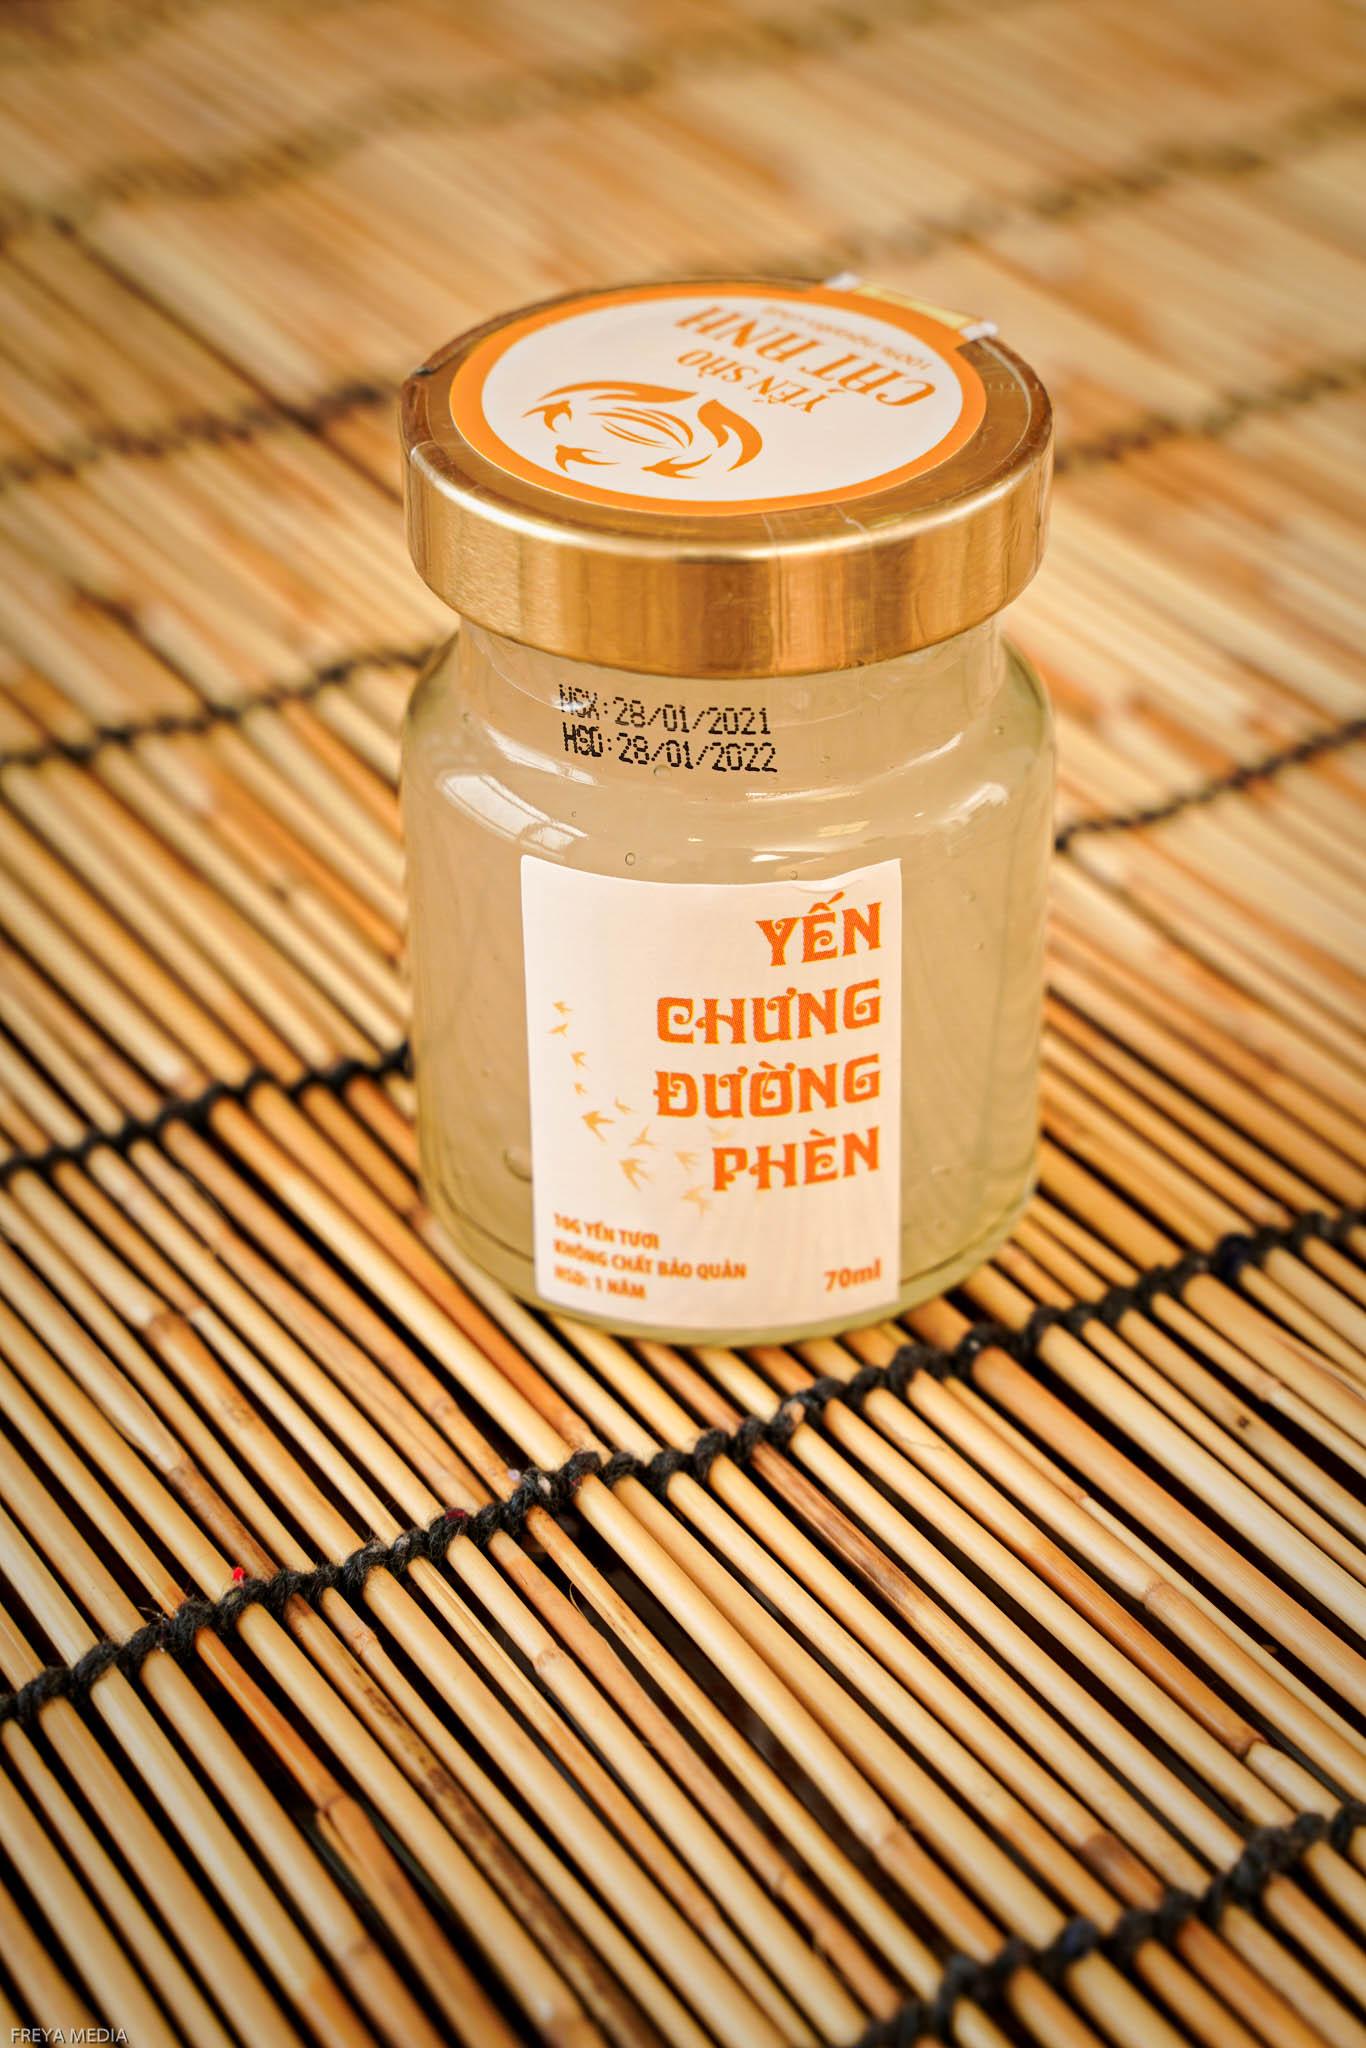 Yến hủ đường phèn chất lượng từ Cát Anh